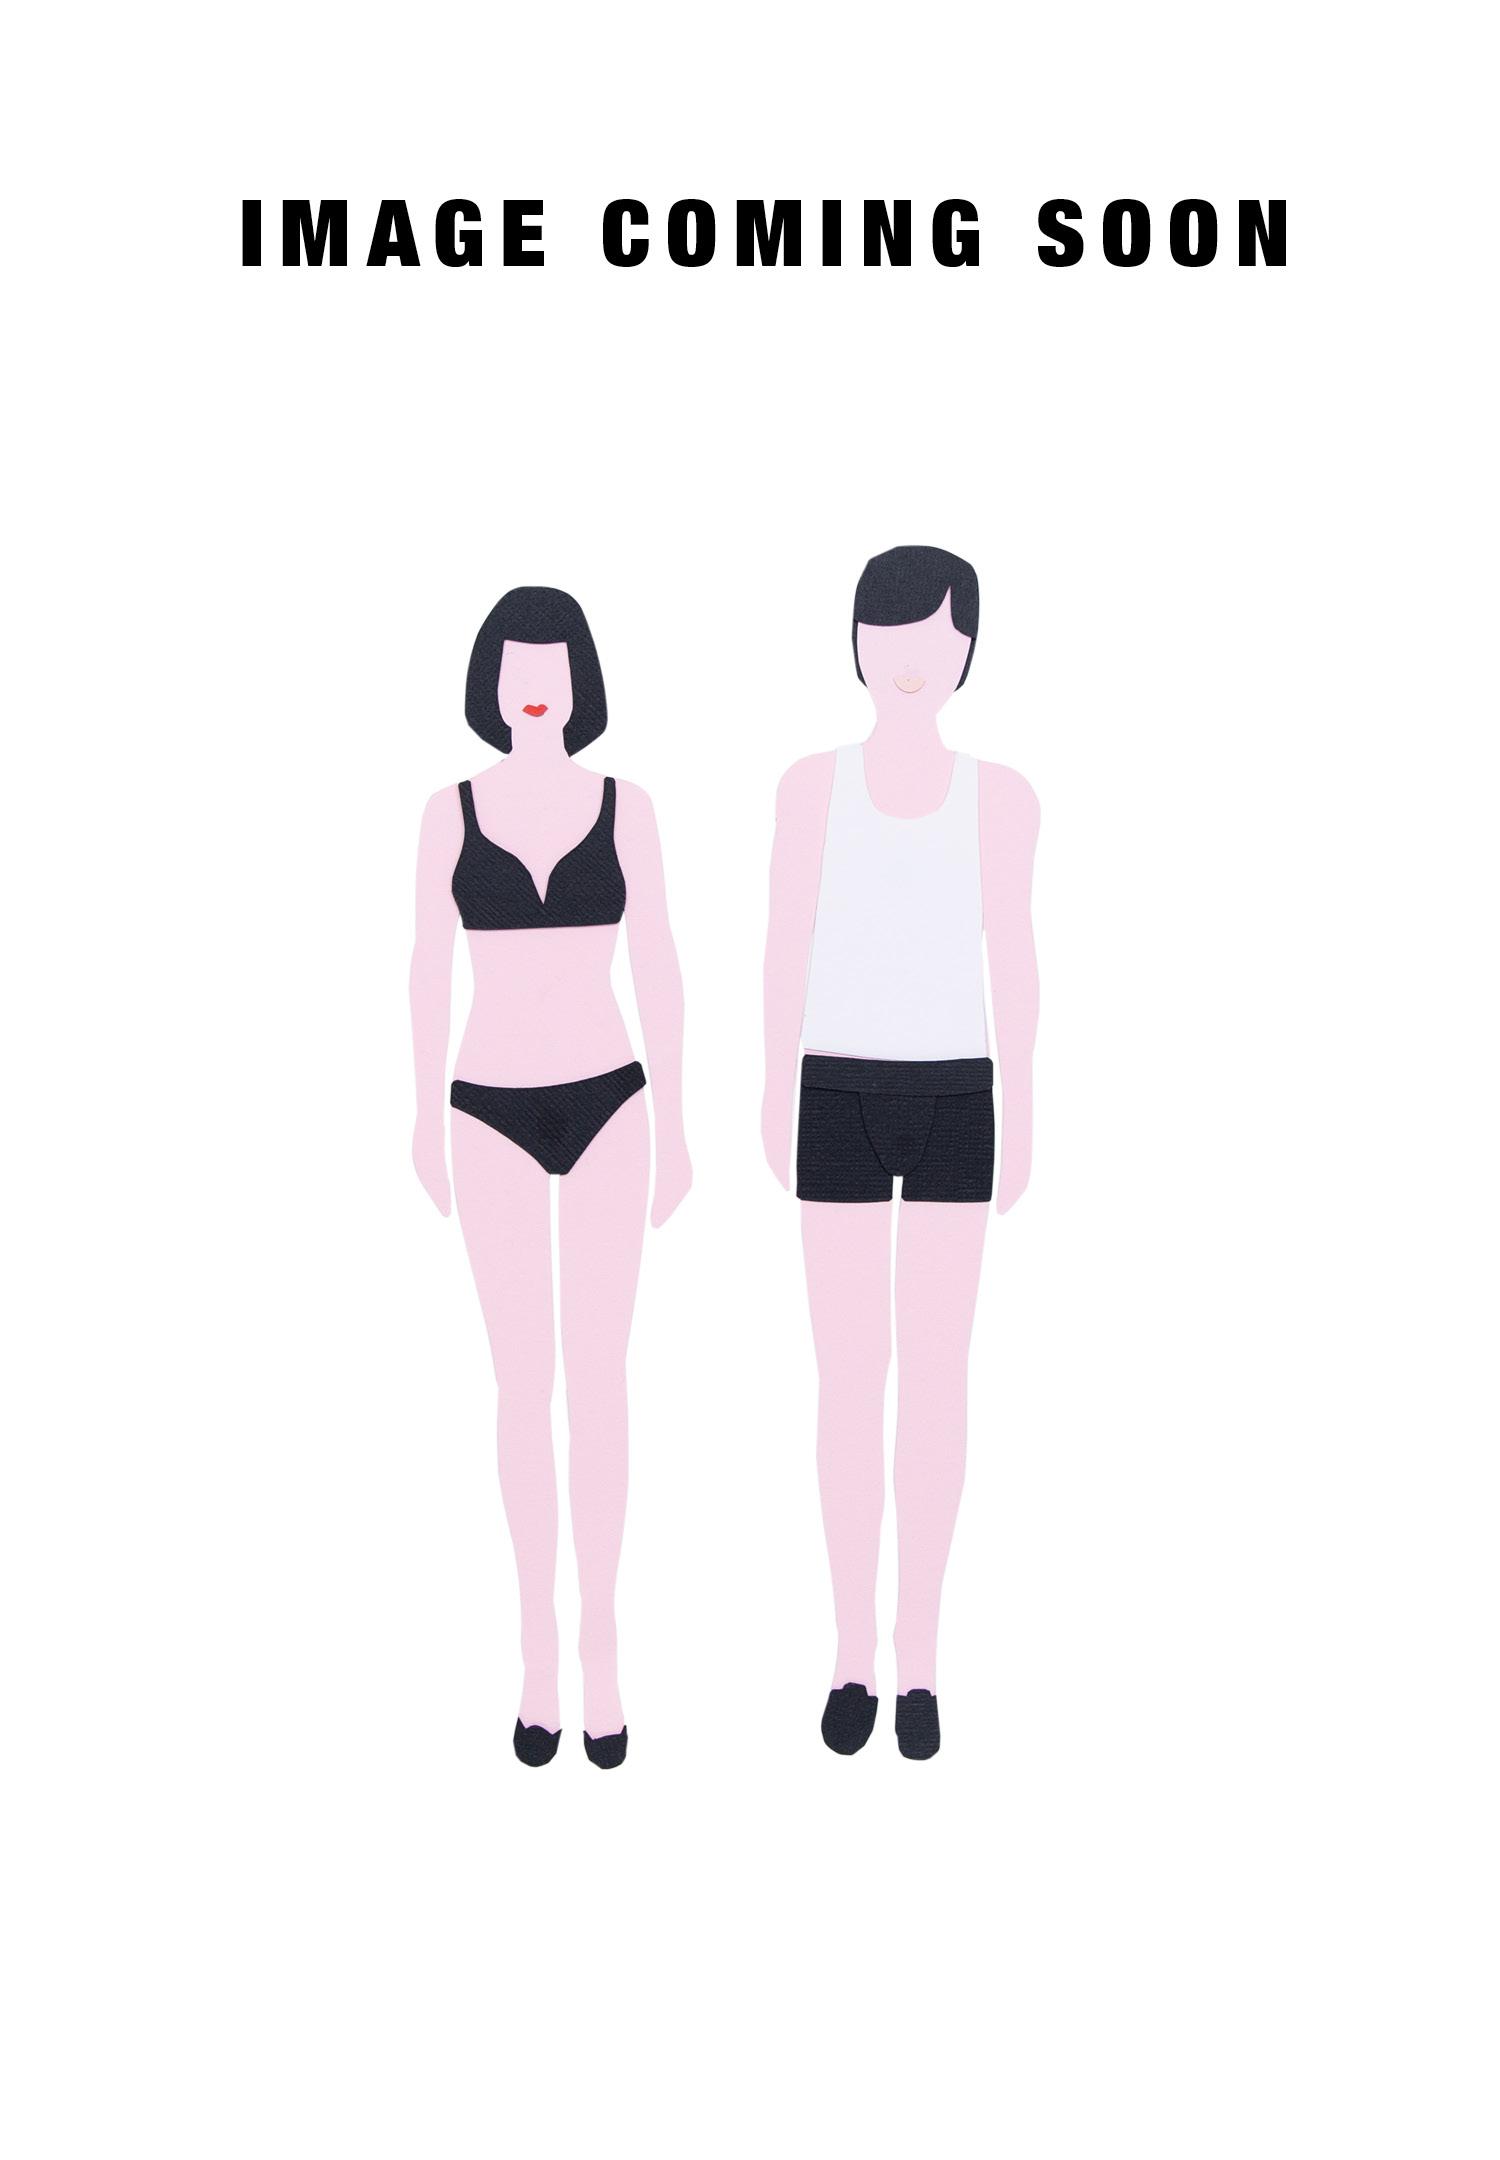 Skiny_Basic_M_Sloungewear_pantslong_086807_087665_060.jpg